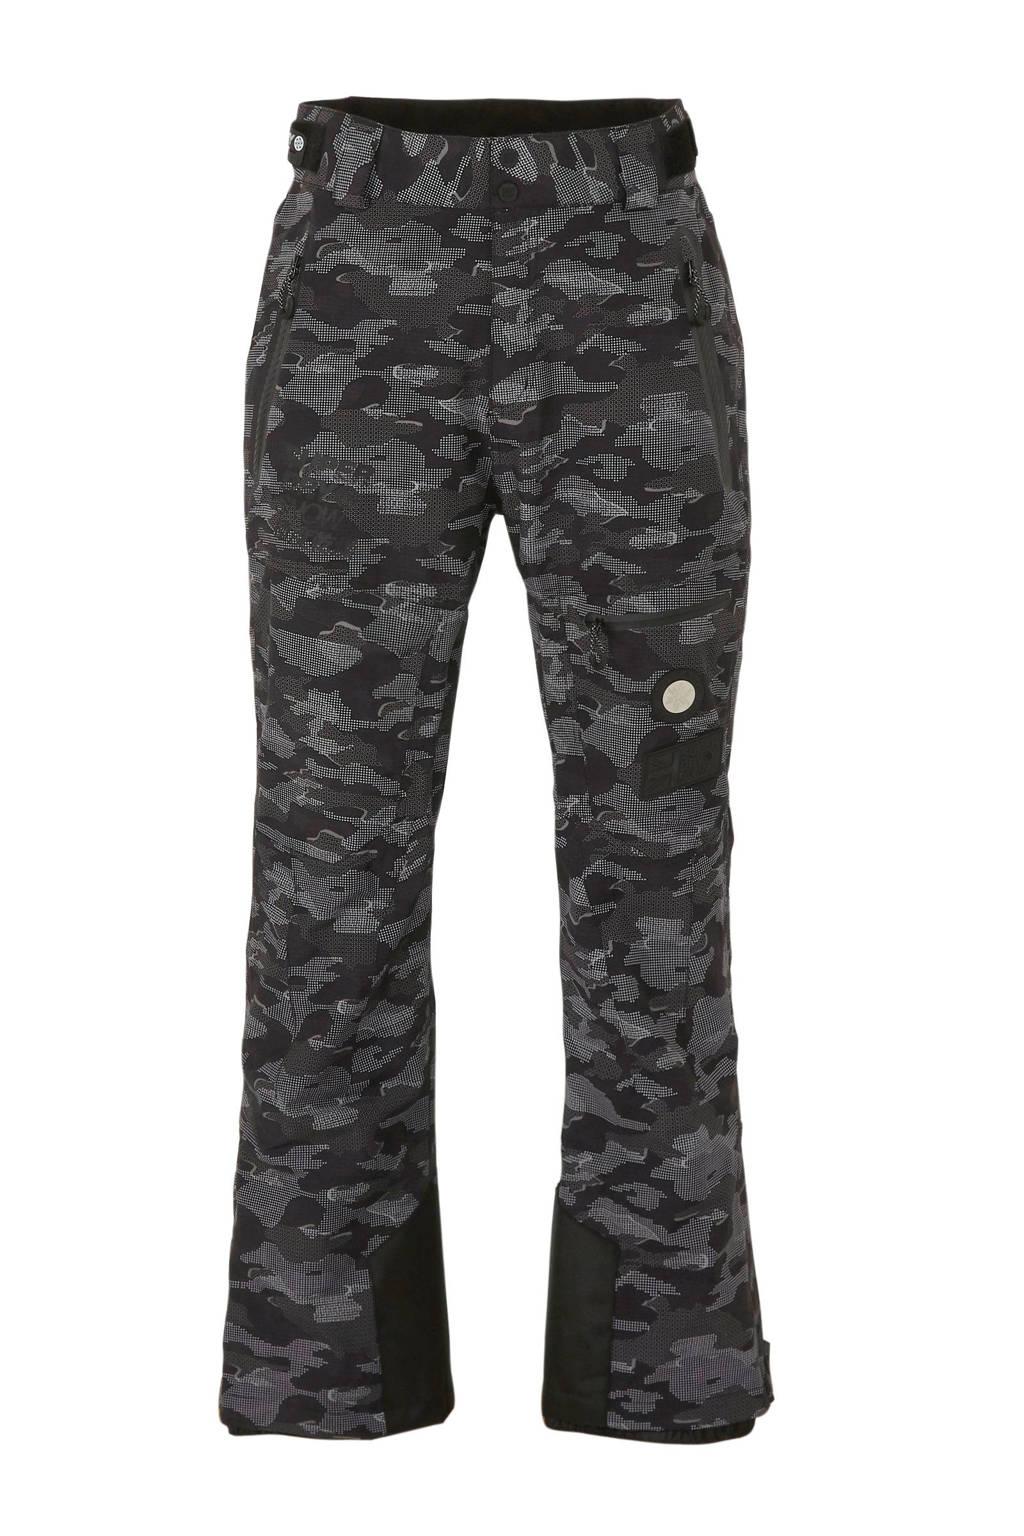 Superdry Sport skibroek grijs/zwart camouflage, Zwart